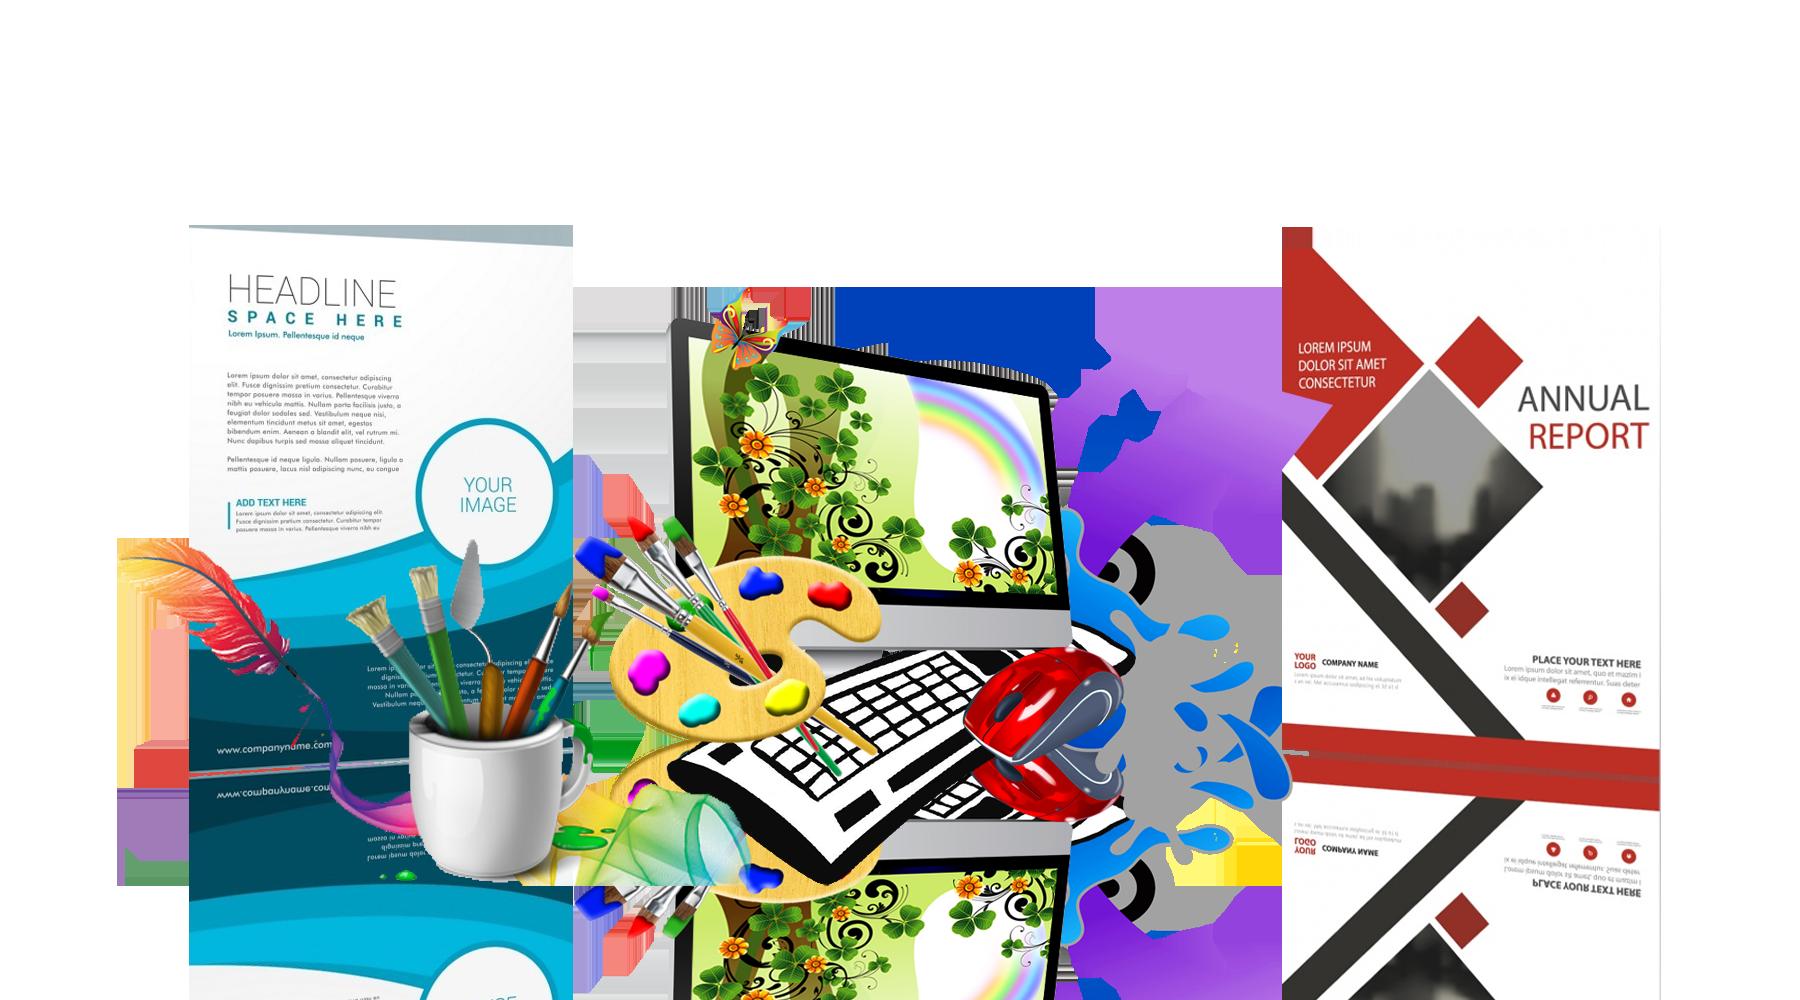 Professional Graphic Design India